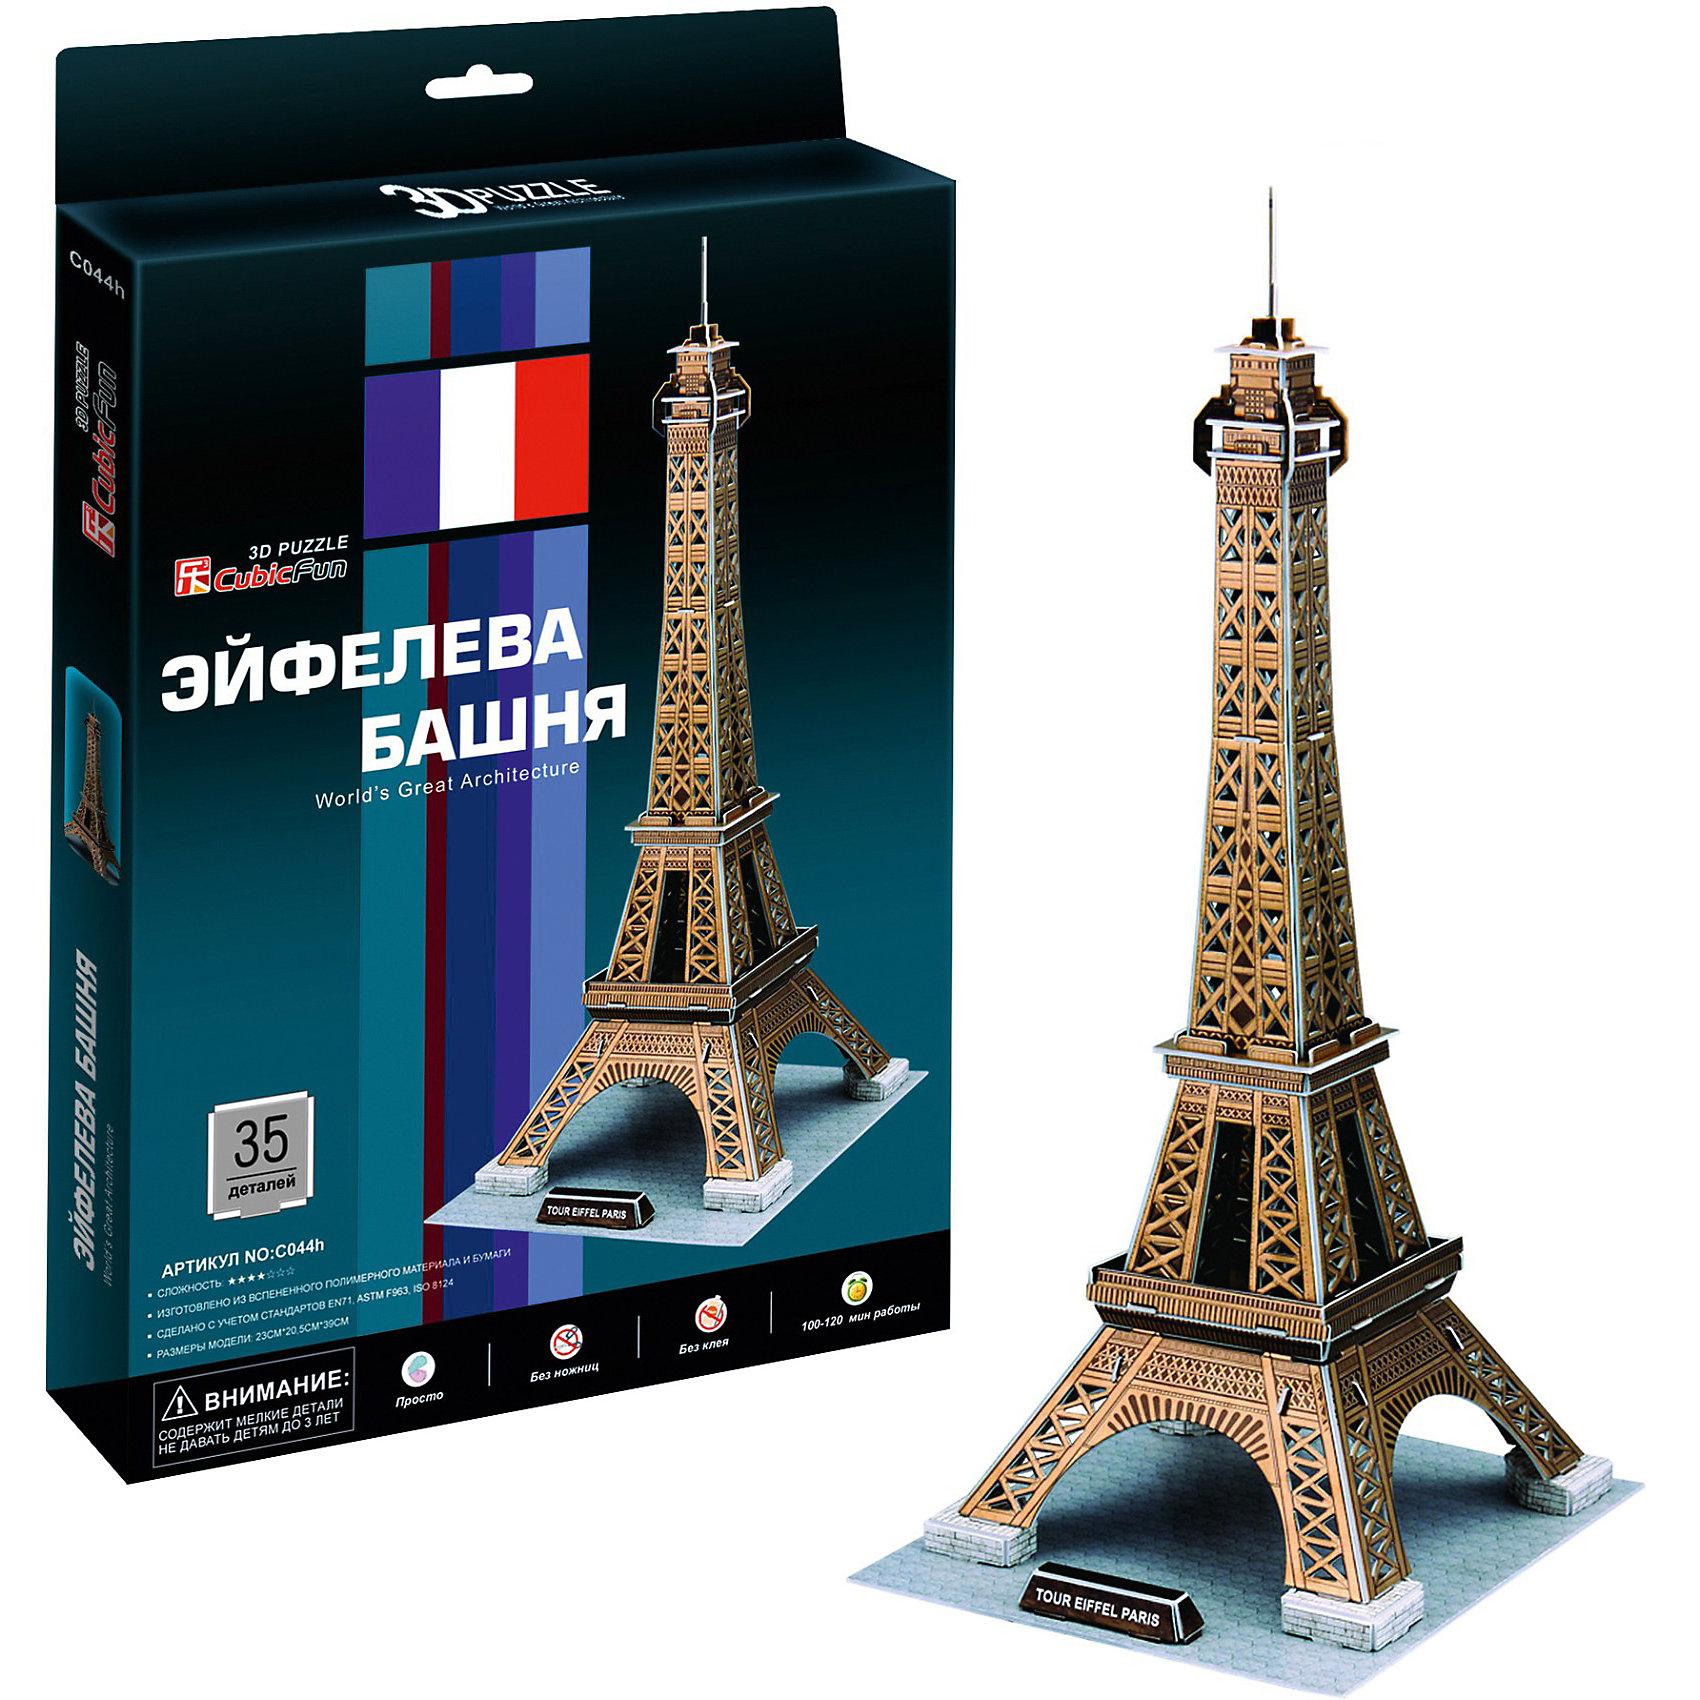 Пазл 3D Эйфелева Башня (Париж), 35 деталей, CubicFunБашня является самой узнаваемой архитектурной достопримечательностью Парижа, имеющая мировую известность как символ Франции, названная в честь своего конструктора Густава Эйфеля.<br><br>УРОВЕНЬ СЛОЖНОСТИ - 3 <br><br>Функции:<br>- помогает в развитии логики и творческих способностей ребенка;<br>- помогает в формировании мышления, речи, внимания, восприятия и воображения;<br>- развивает моторику рук;<br>- расширяет кругозор ребенка и стимулирует к познанию новой информации;<br><br>Практические характеристики:<br>- обучающая, яркая и реалистичная модель;<br>- идеально и легко собирается без инструментов;<br>- увлекательный игровой процесс;<br>- тематический ассортимент;<br>- новый качественный материал (ламинированный пенокартон) <br><br>Размеры коробки: 30 х 22 х 2,2 см.<br>Размер собранной модели: 23 х 20,5 х 47 см.<br><br>Ширина мм: 22<br>Глубина мм: 220<br>Высота мм: 300<br>Вес г: 657<br>Возраст от месяцев: 60<br>Возраст до месяцев: 144<br>Пол: Унисекс<br>Возраст: Детский<br>SKU: 2276274